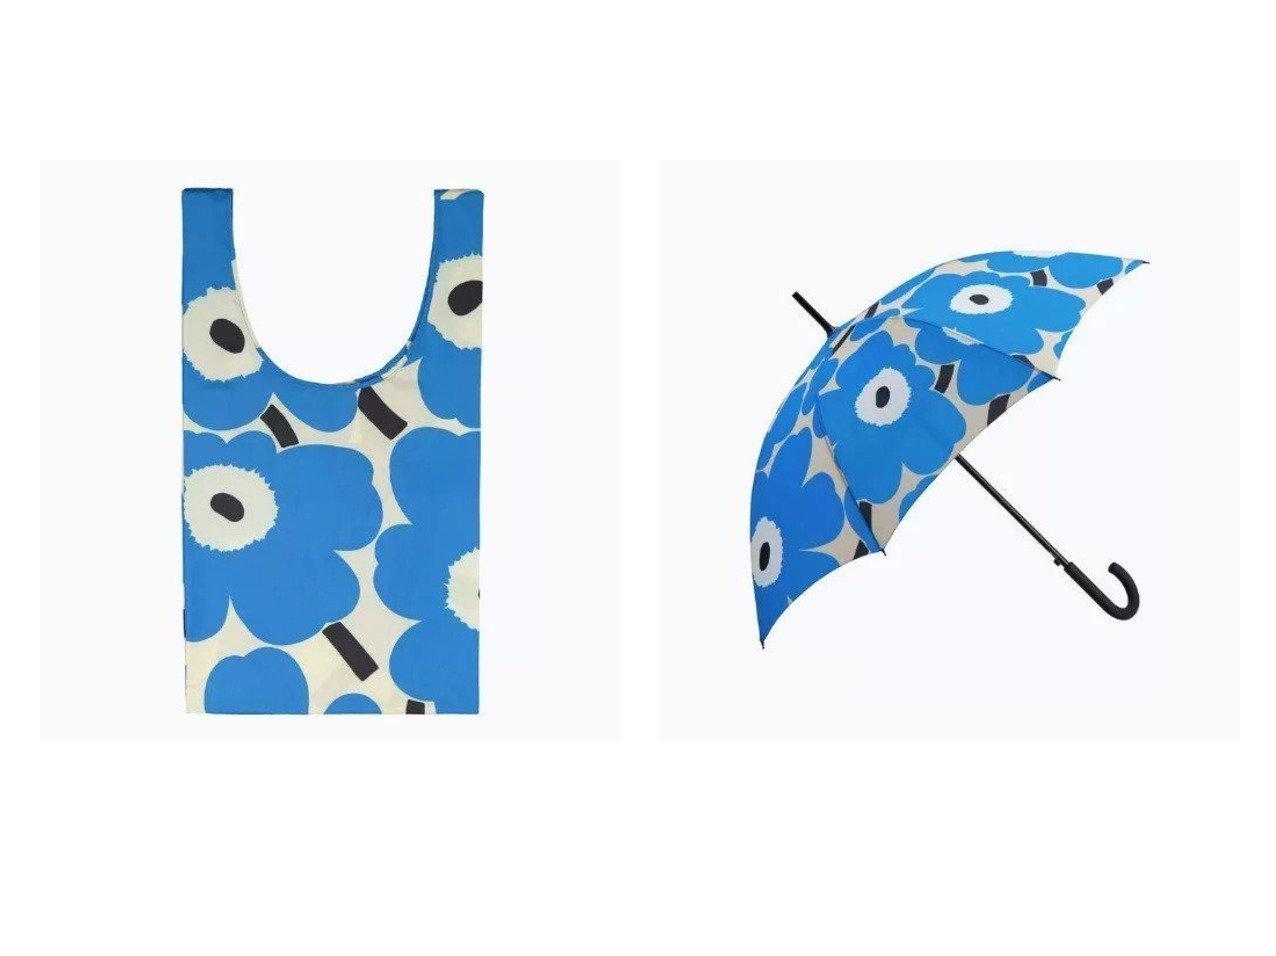 【marimekko/マリメッコ】のStick Unikko 傘&Unikko スマートバッグ おすすめ!人気、トレンド・レディースファッションの通販 おすすめで人気の流行・トレンド、ファッションの通販商品 インテリア・家具・メンズファッション・キッズファッション・レディースファッション・服の通販 founy(ファニー) https://founy.com/ ファッション Fashion レディースファッション WOMEN バッグ Bag 傘 / レイングッズ Umbrellas/Rainwear おすすめ Recommend スマート フォルム ポケット モチーフ フィット ラップ 傘 |ID:crp329100000042376